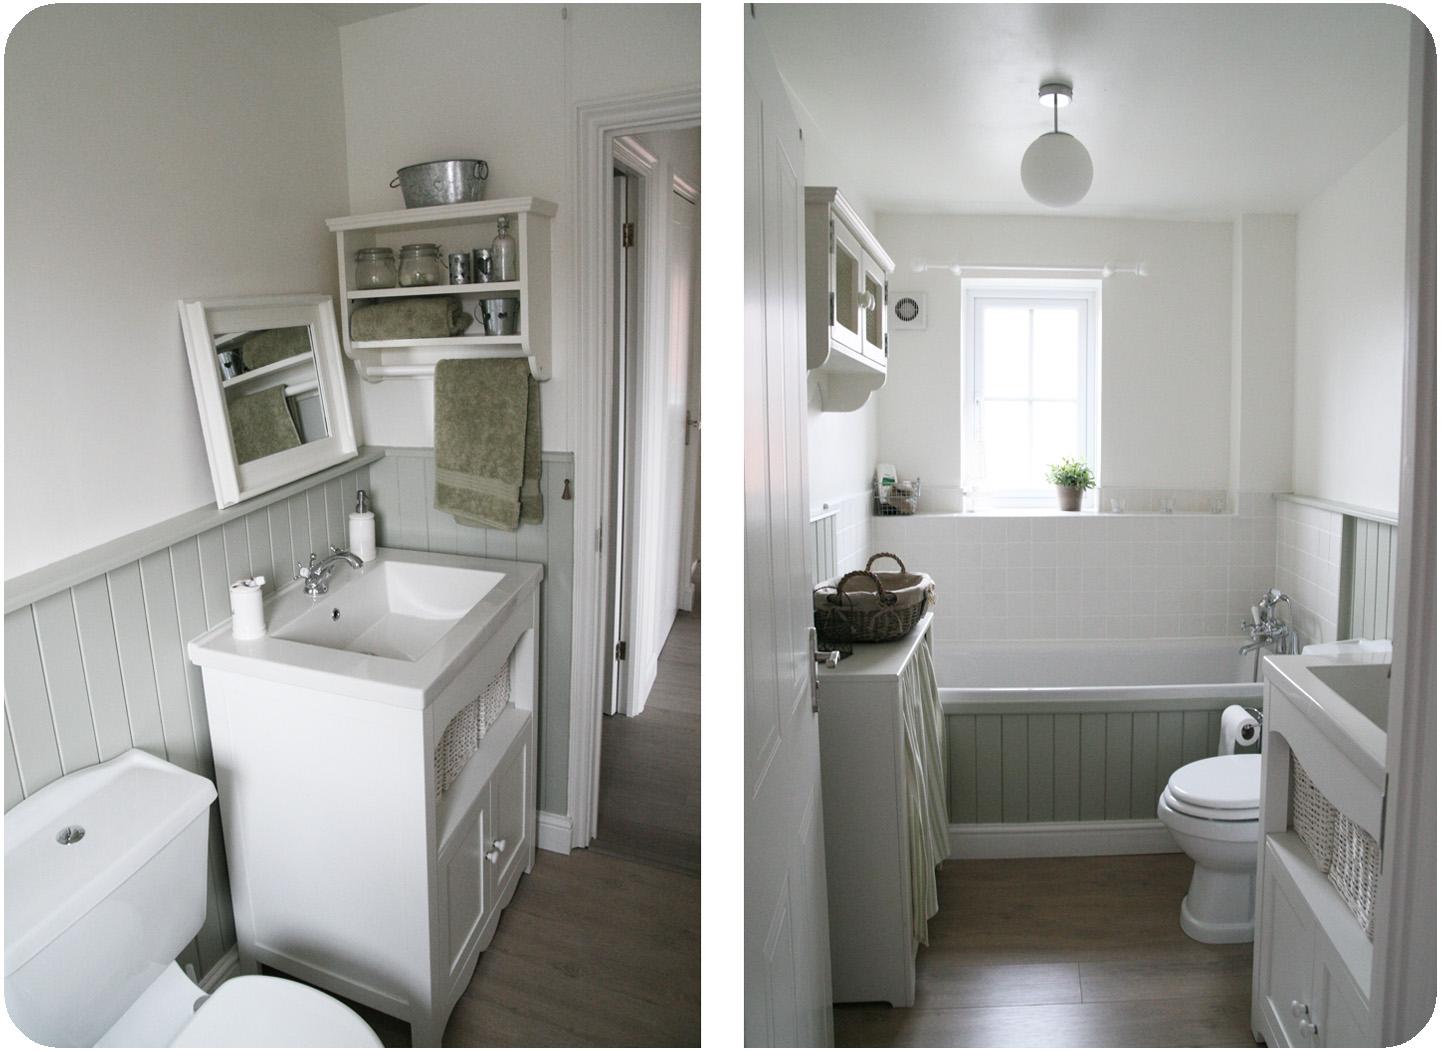 progettare due bagni - shabby chic interiors - Bagni Moderni Leroy Merlin